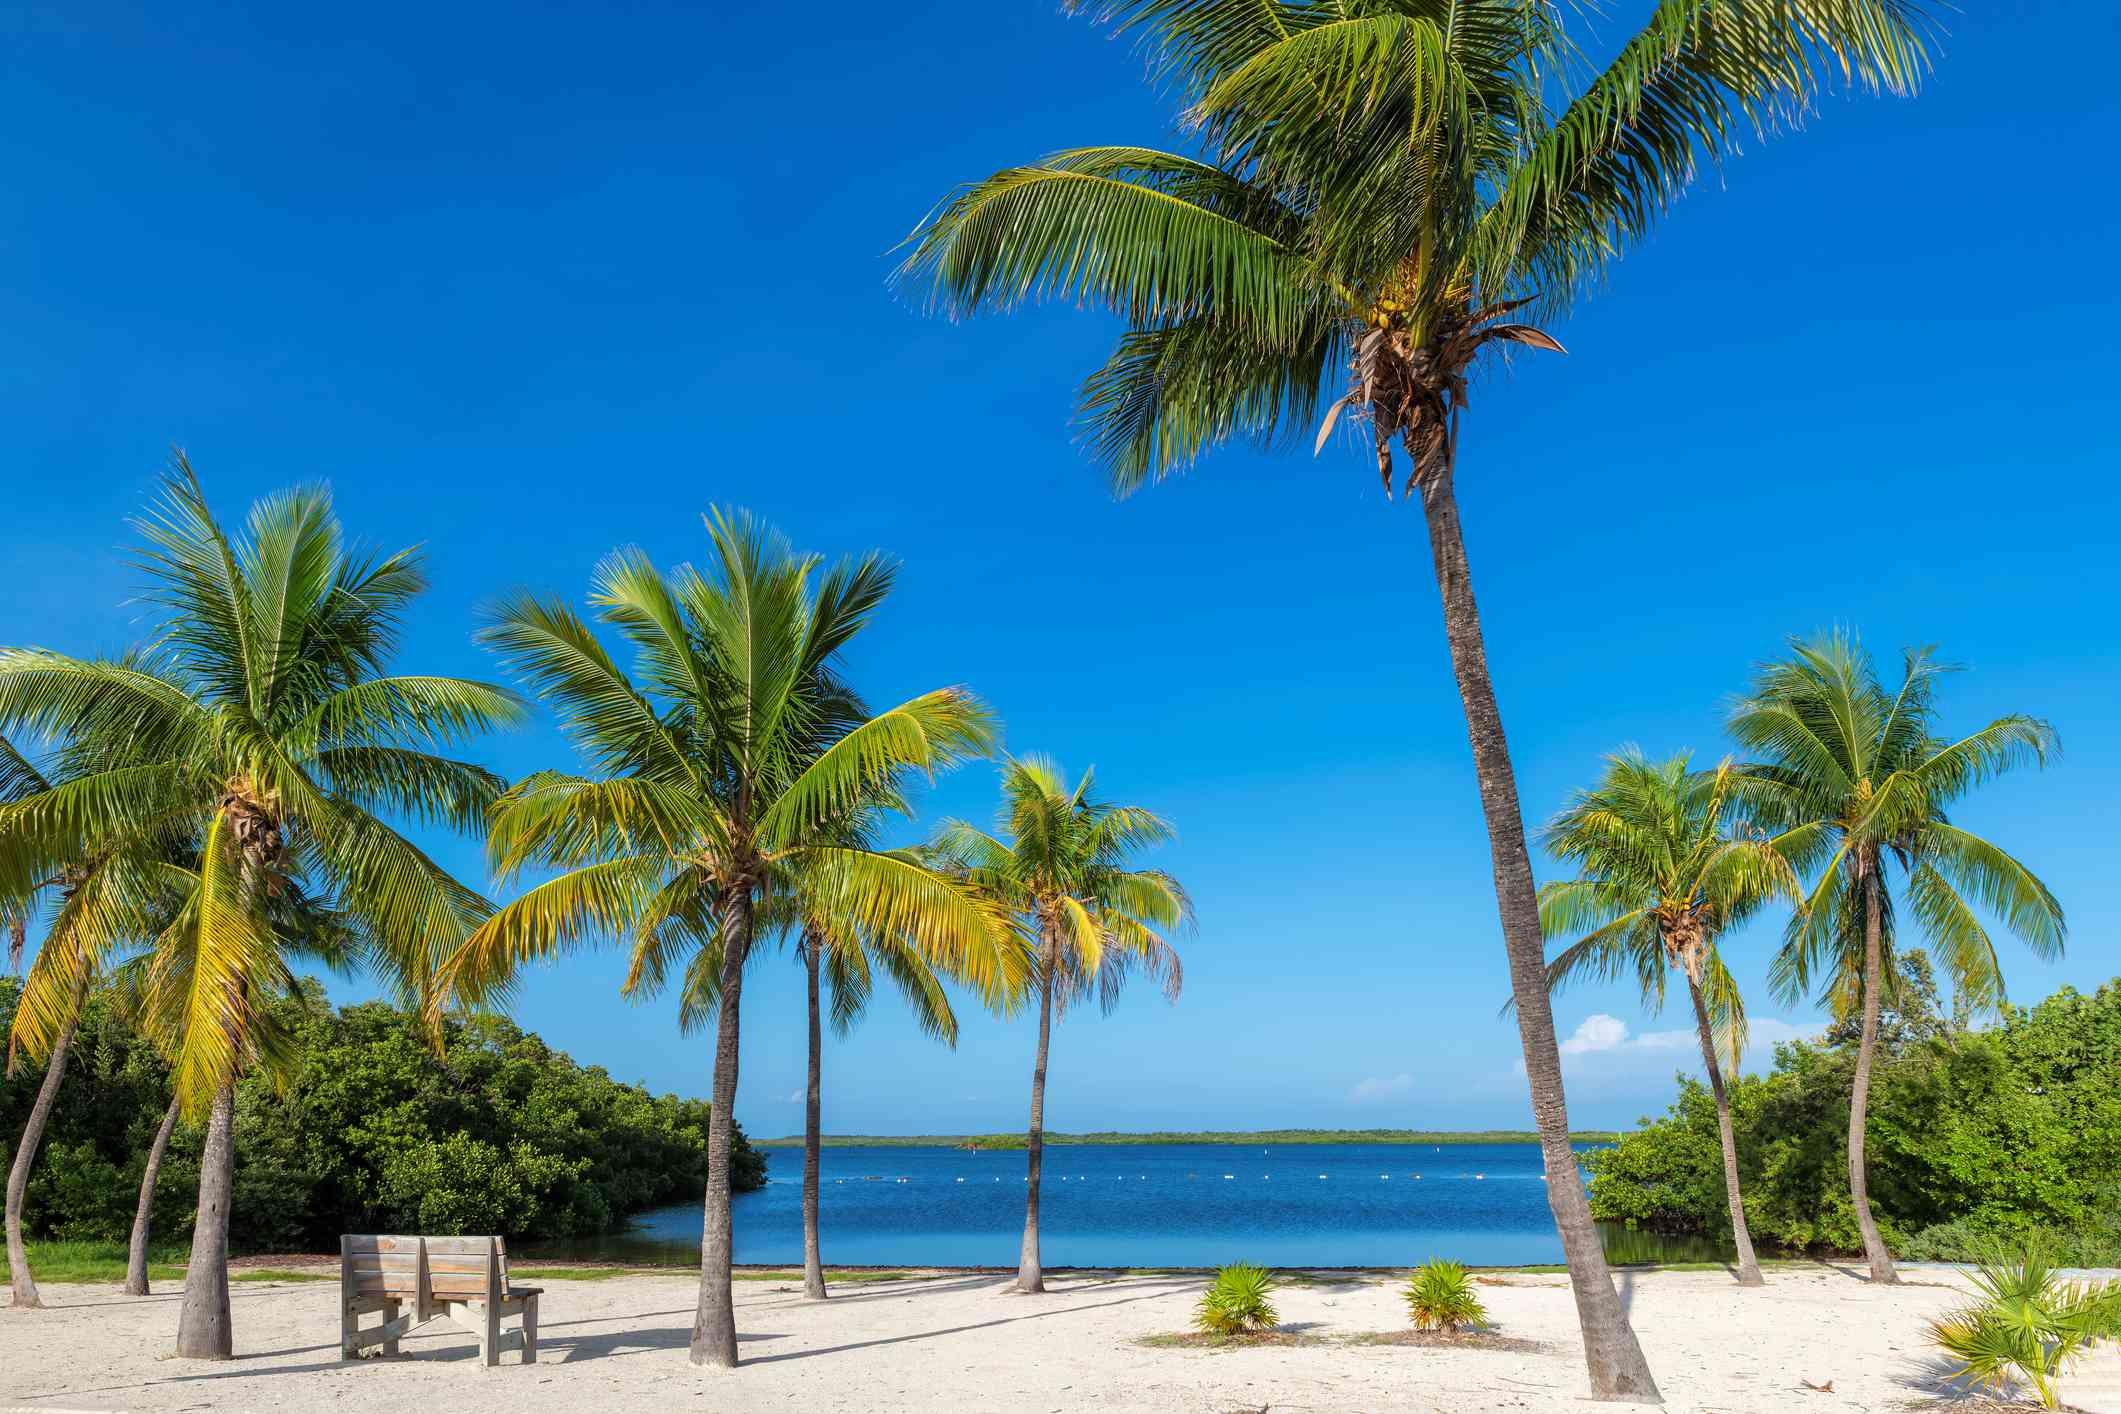 Palmas de coco en Sunny Beach y mar Caribe